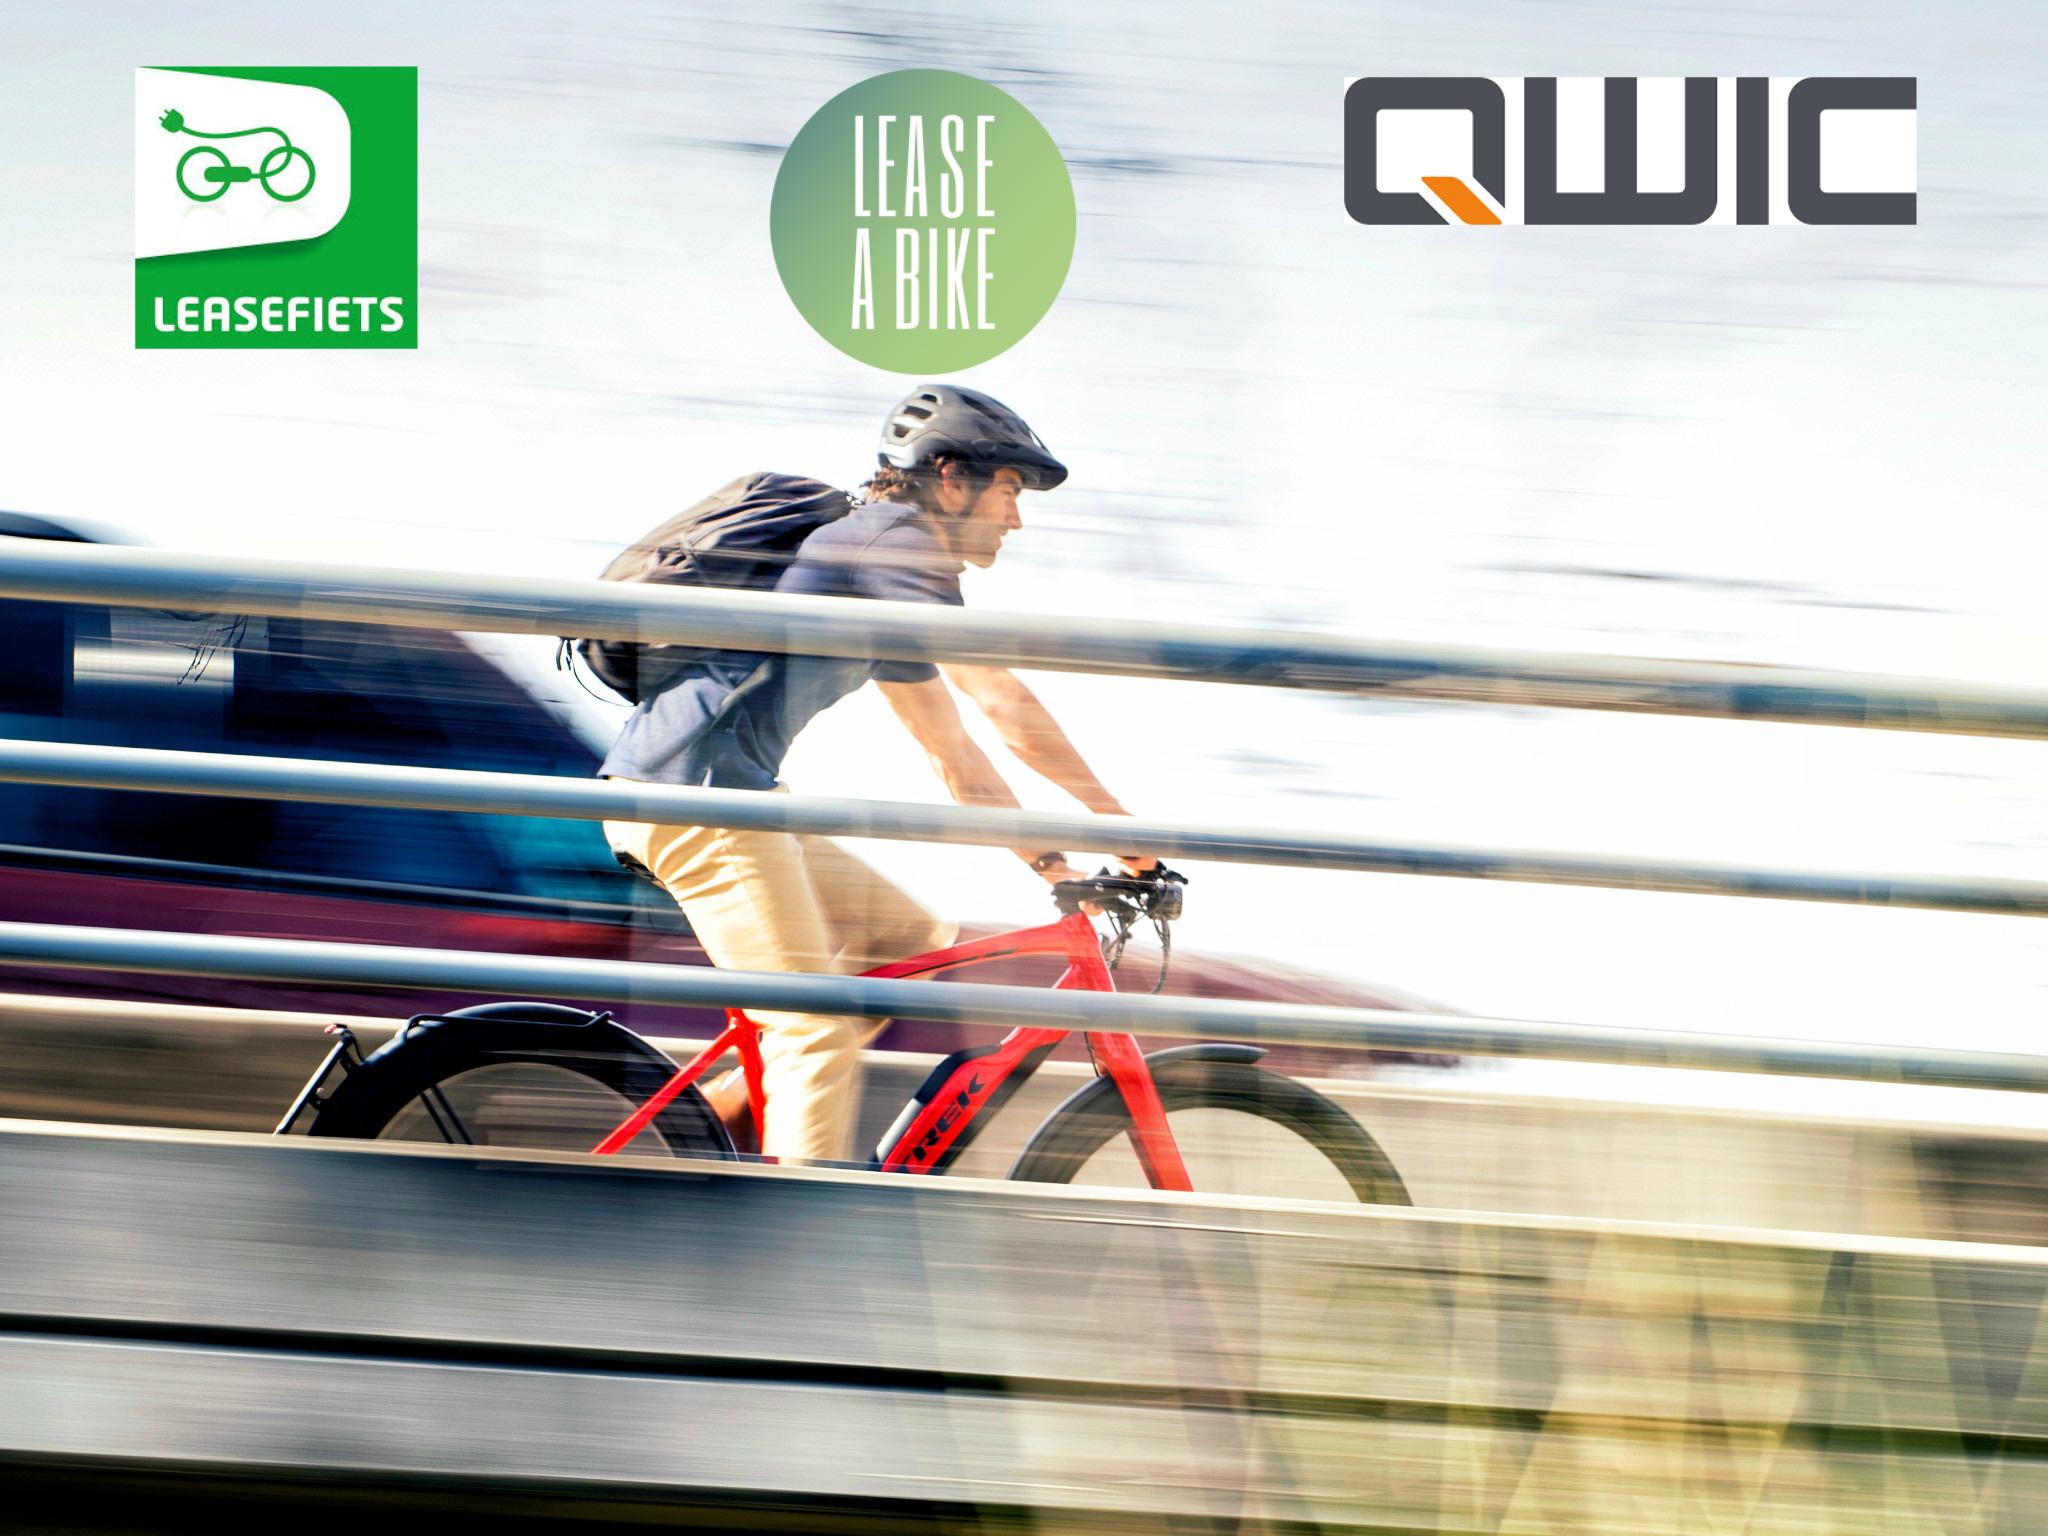 Nieuwe fiscale fietsregeling biedt grote kansen